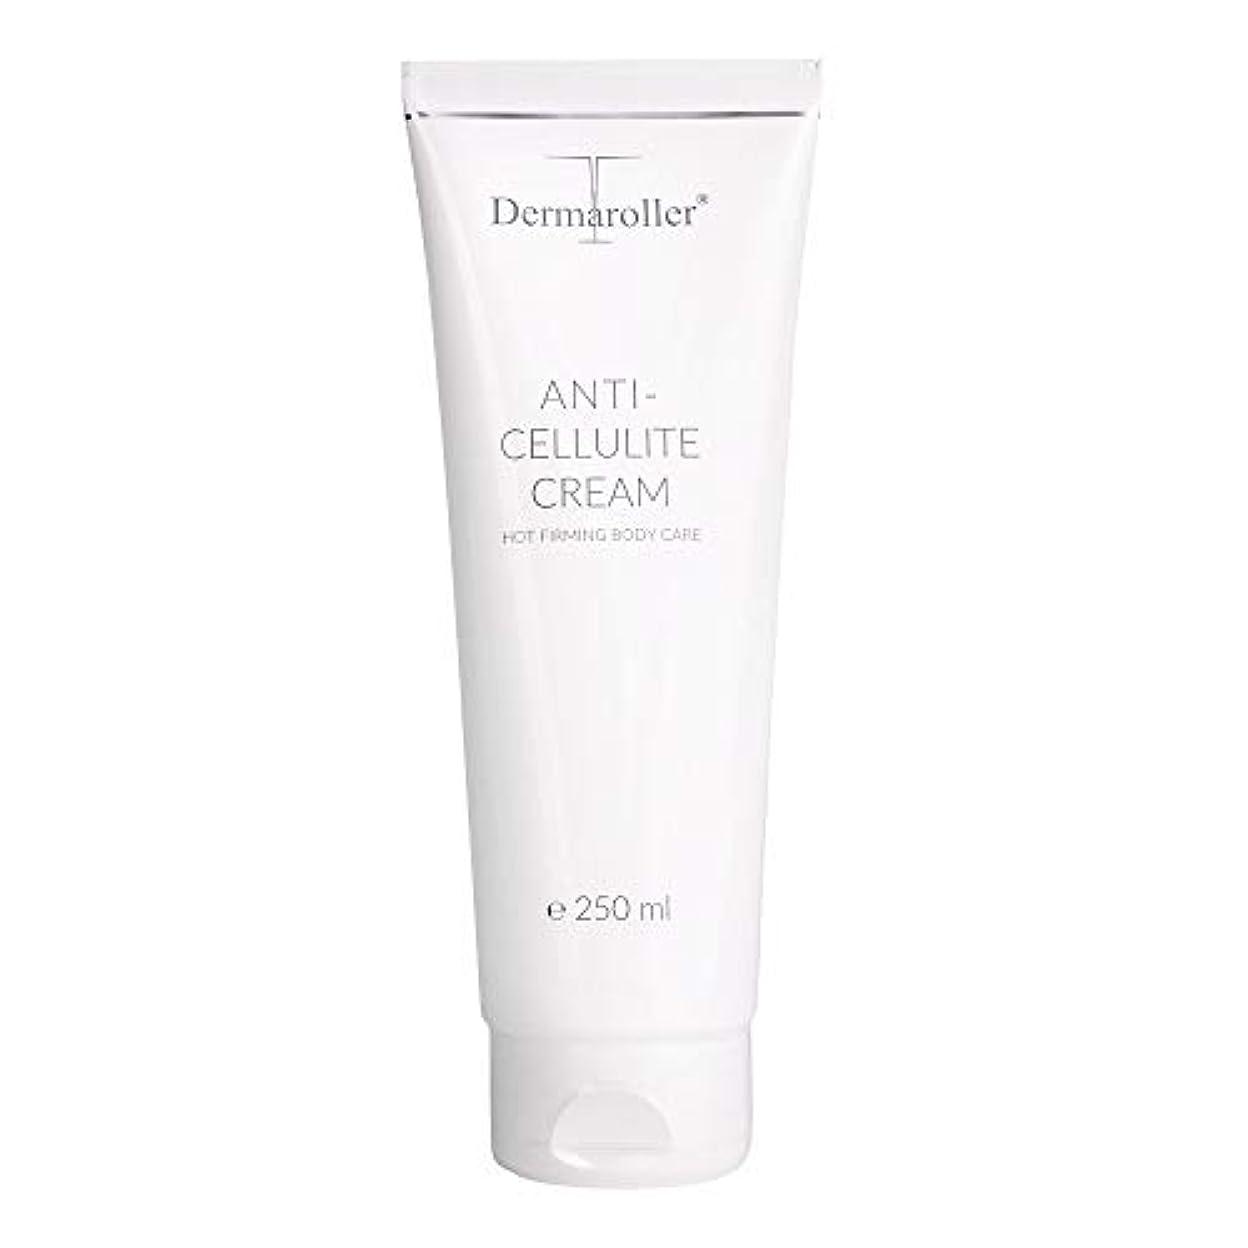 極小アラート接ぎ木Dermaroller アンチ セルライト クリーム 250ml [Dermaroller]Anti-Cellulite Cream